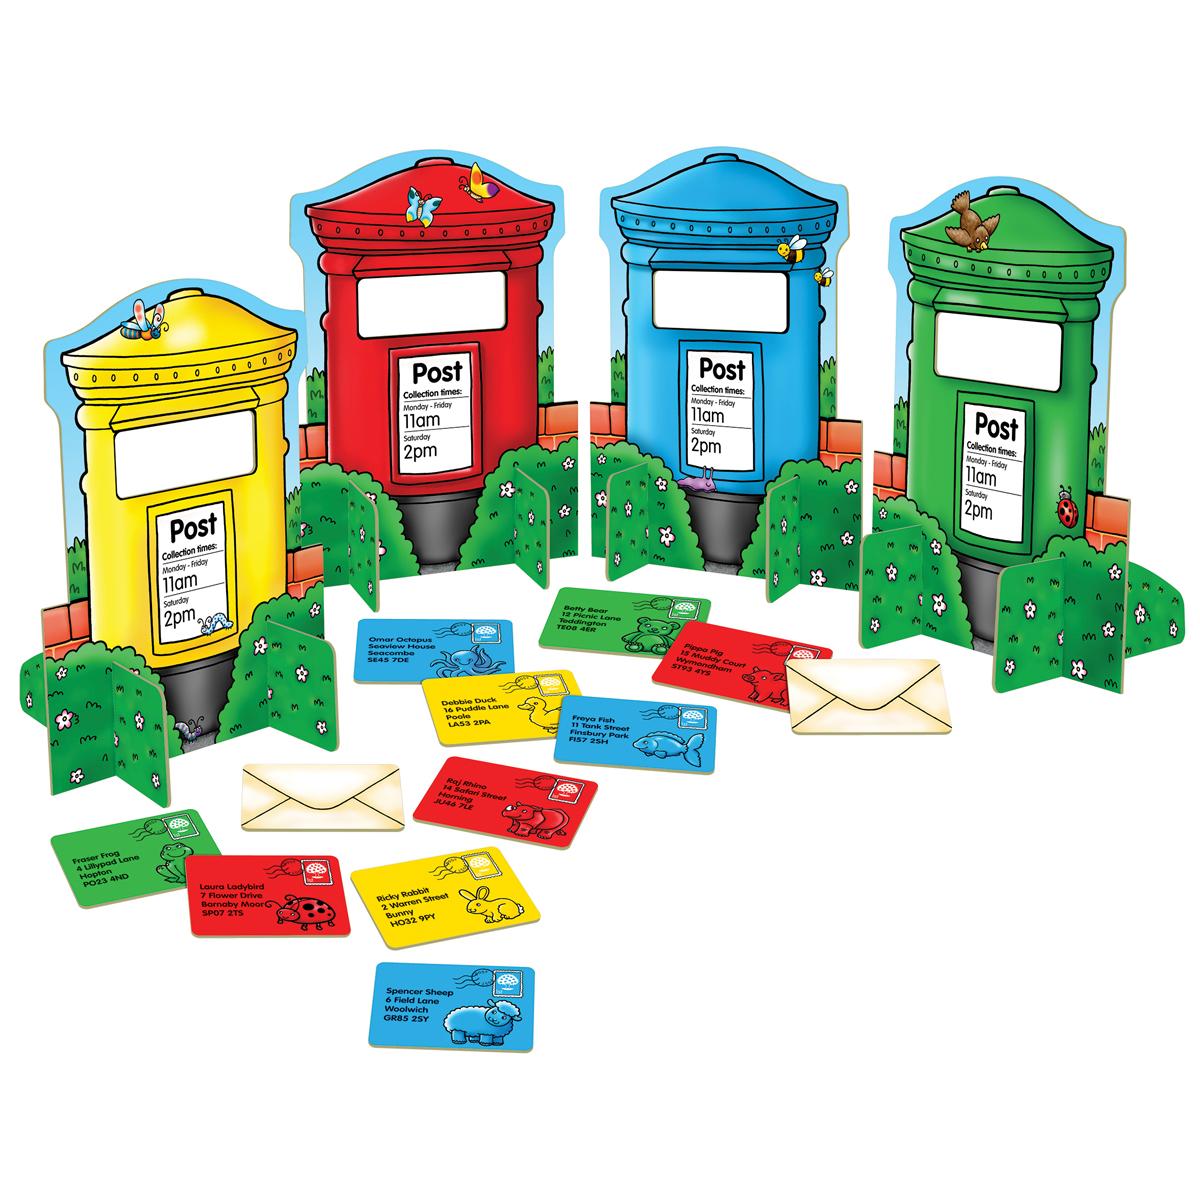 Post Box Packshot